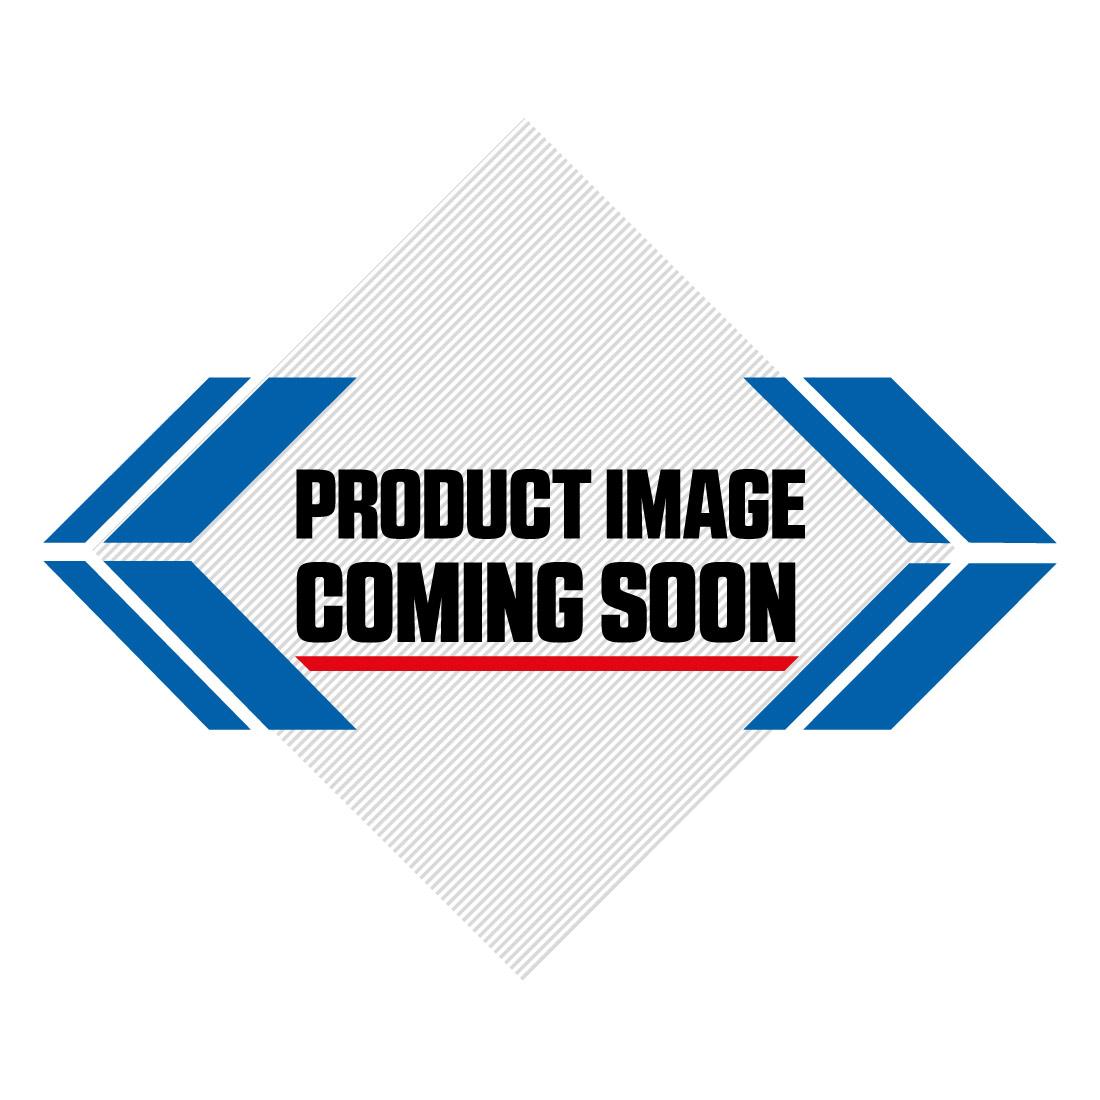 New 2015 Honda CRF 250R Motocross Bike Image-1